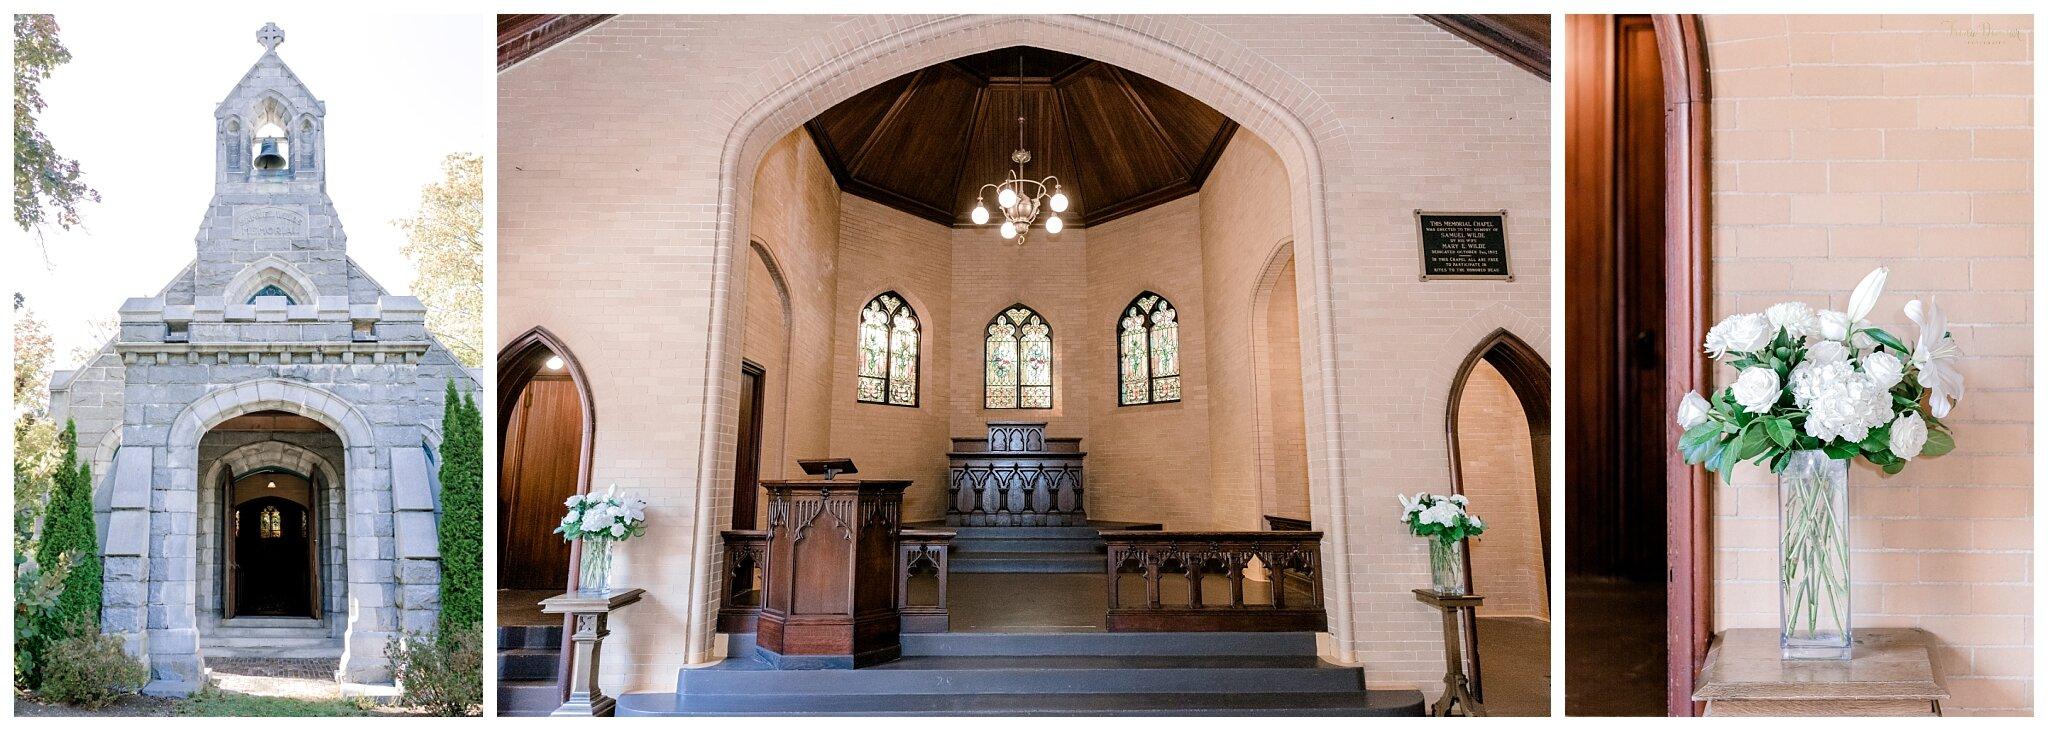 Wilde Memorial Chapel